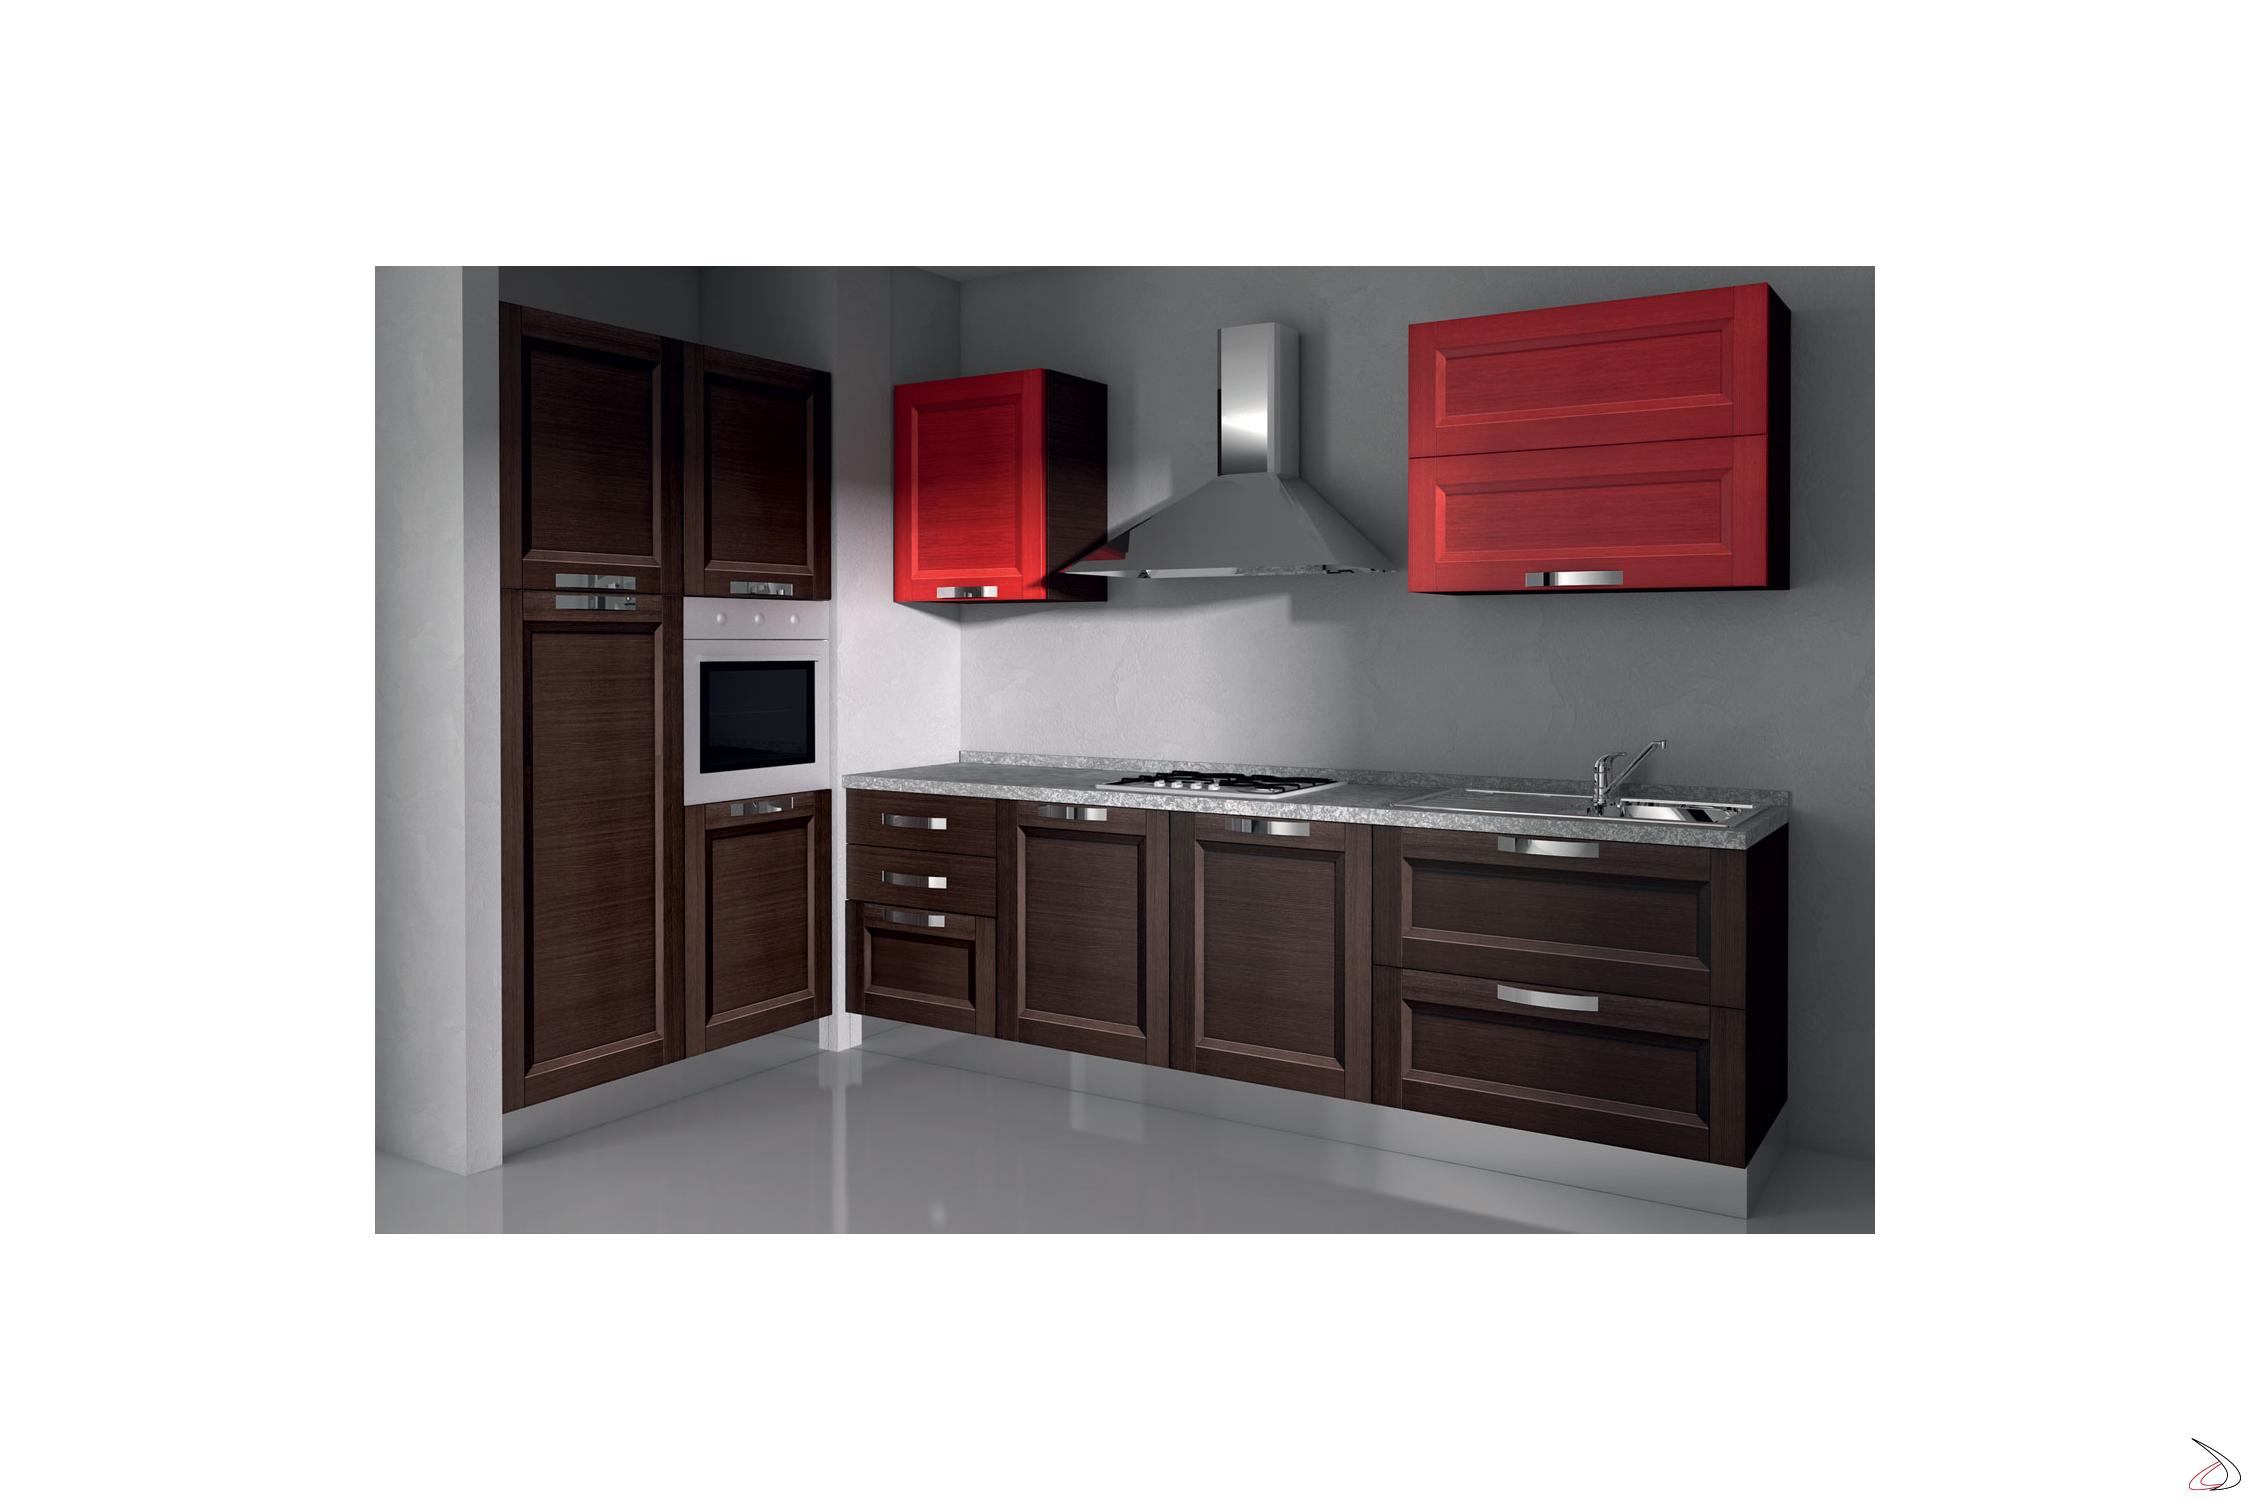 Cucina design angolare in legno grace toparredi arredo for Arredo cucina design